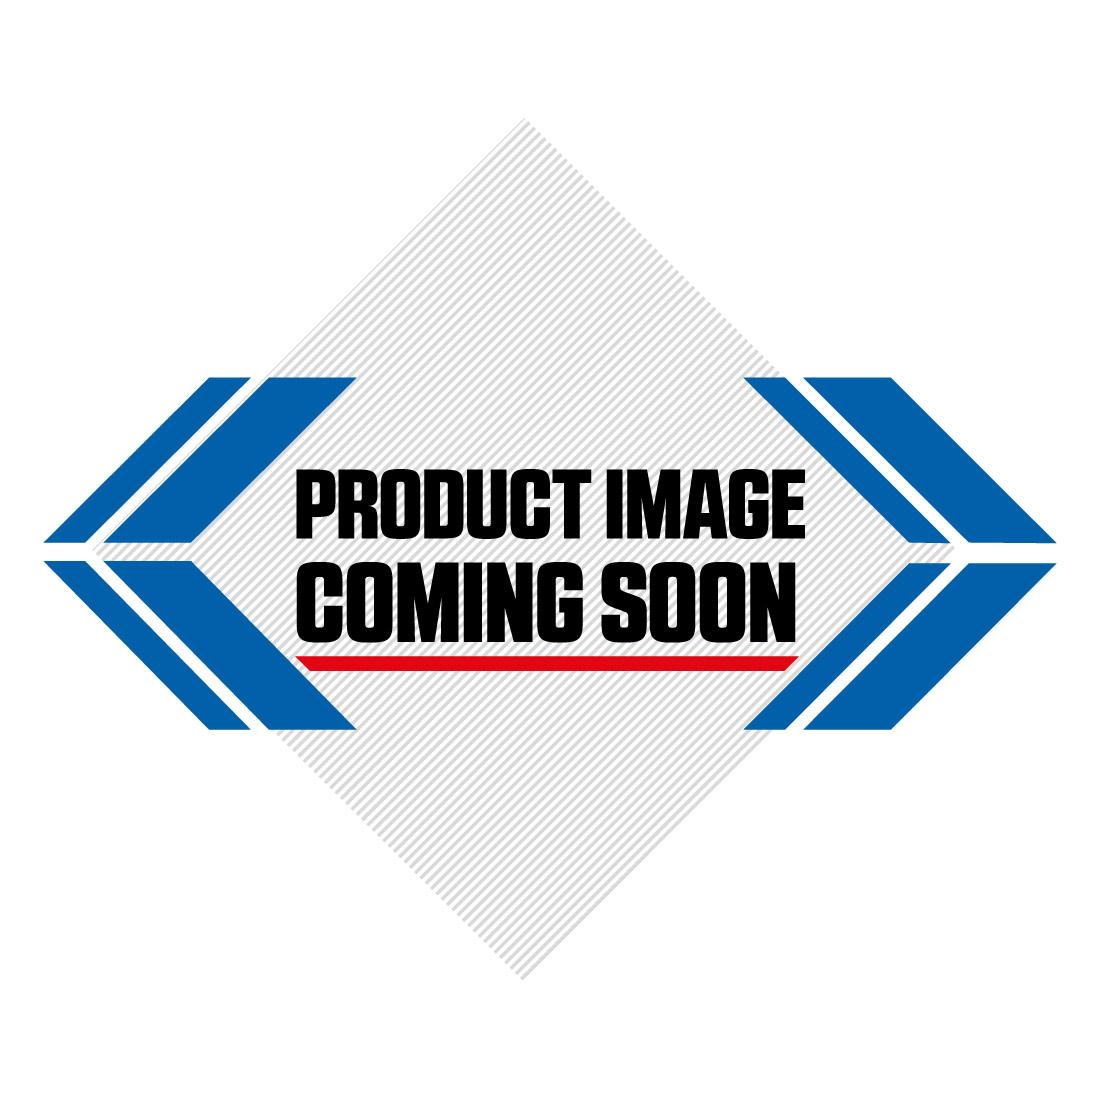 UFO Plastic Kit Husqvarna OEM Factory Image-4>